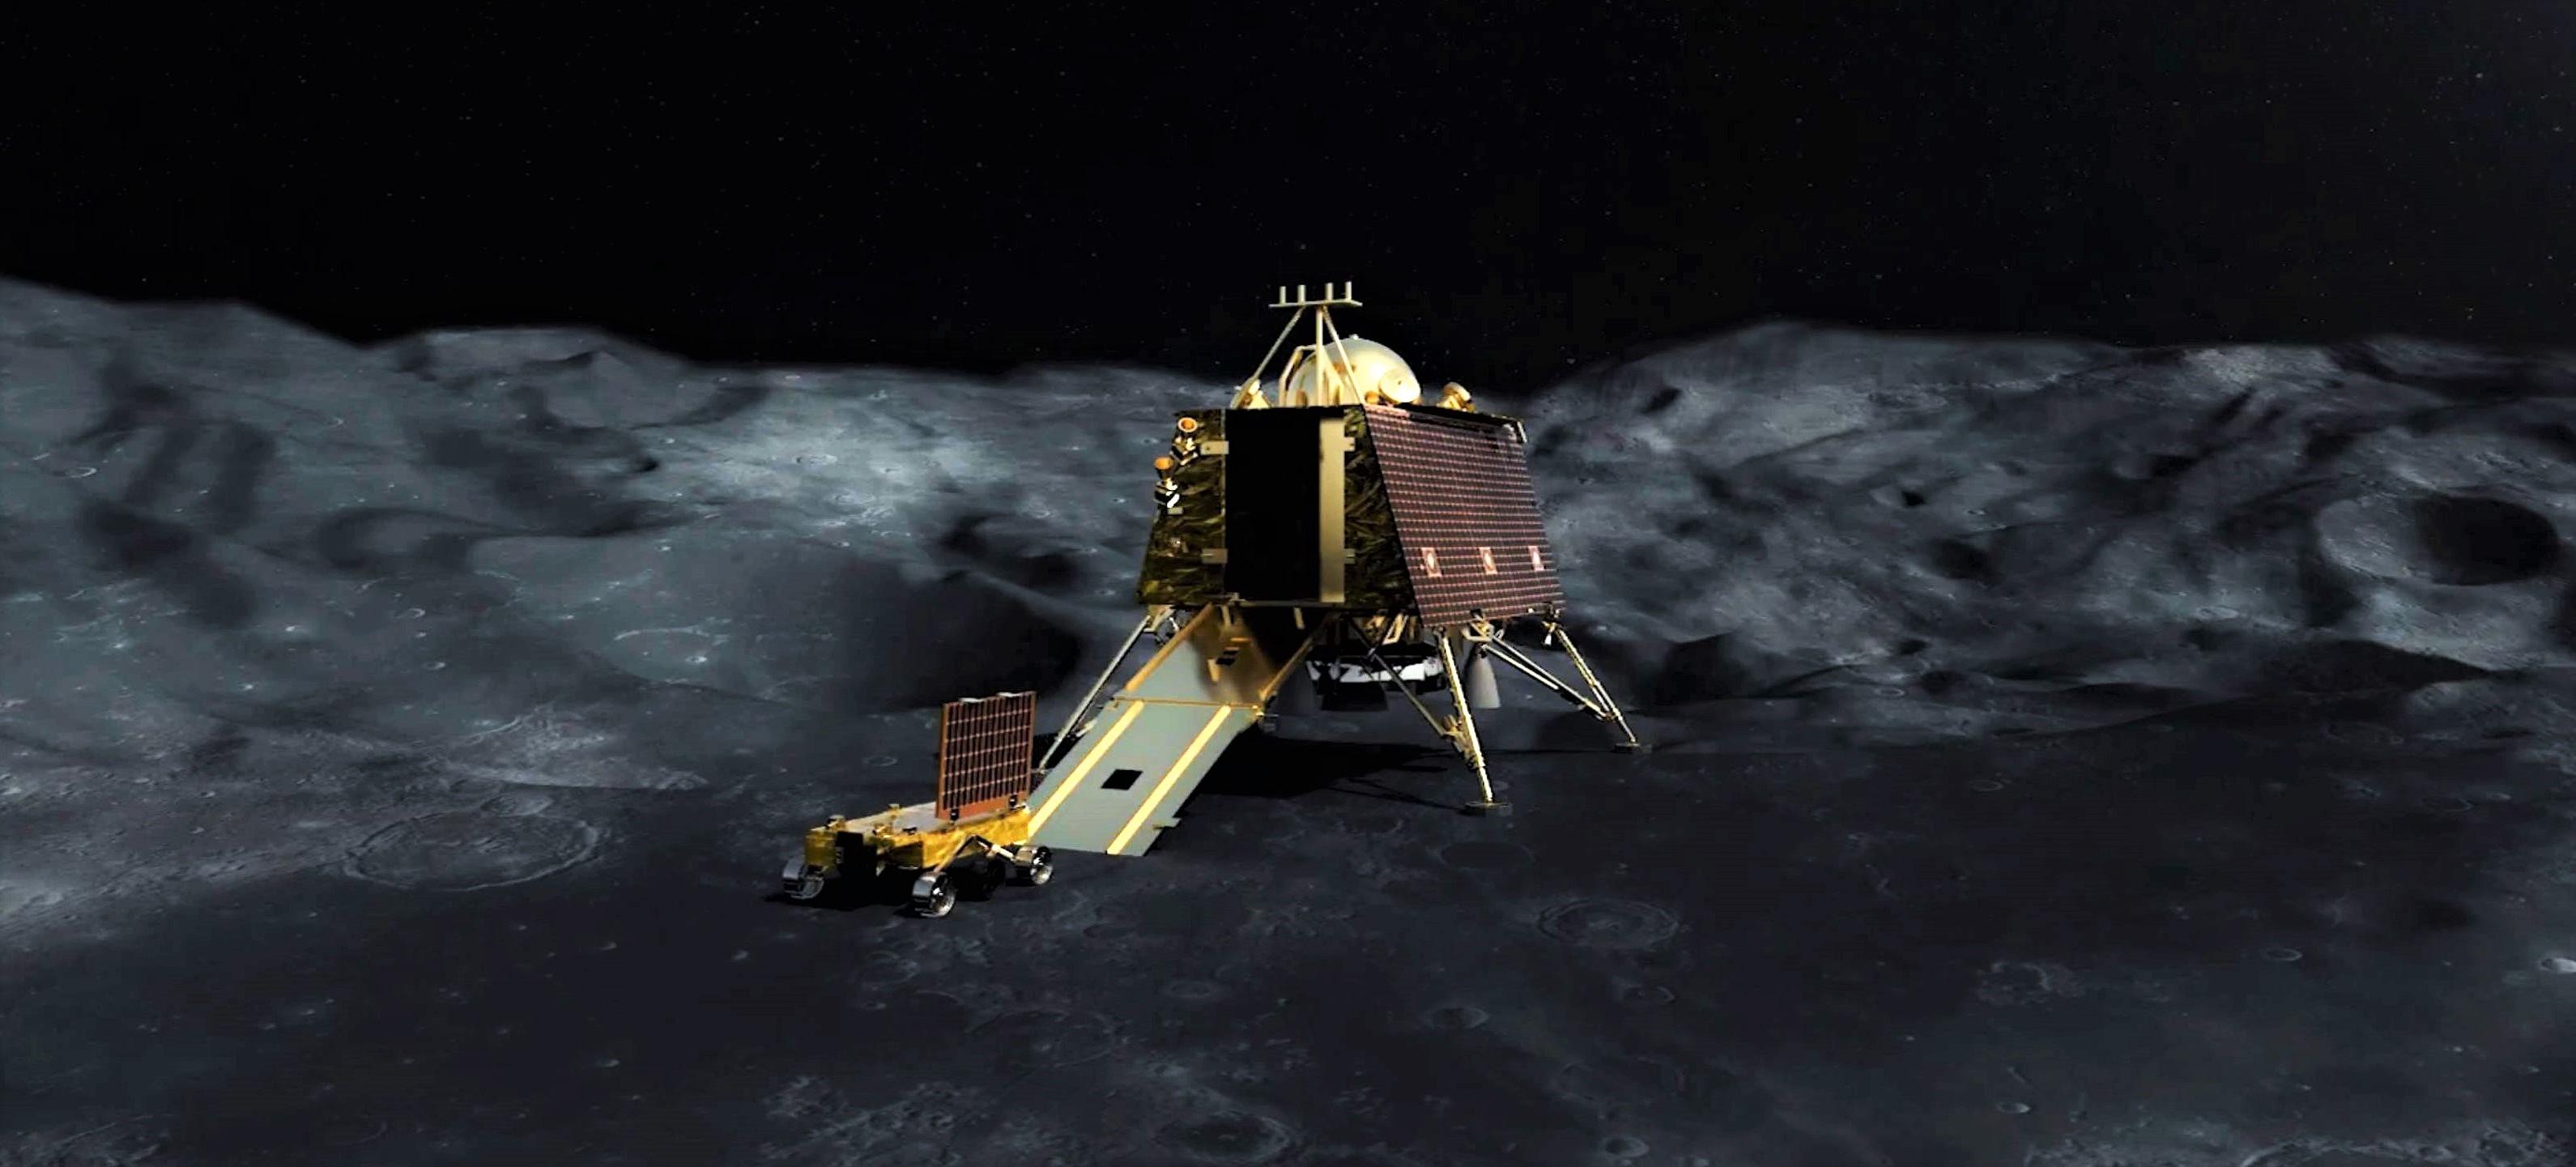 Chandrayaan-2 Pragyan rover Vikram lander (ISRO) render 2